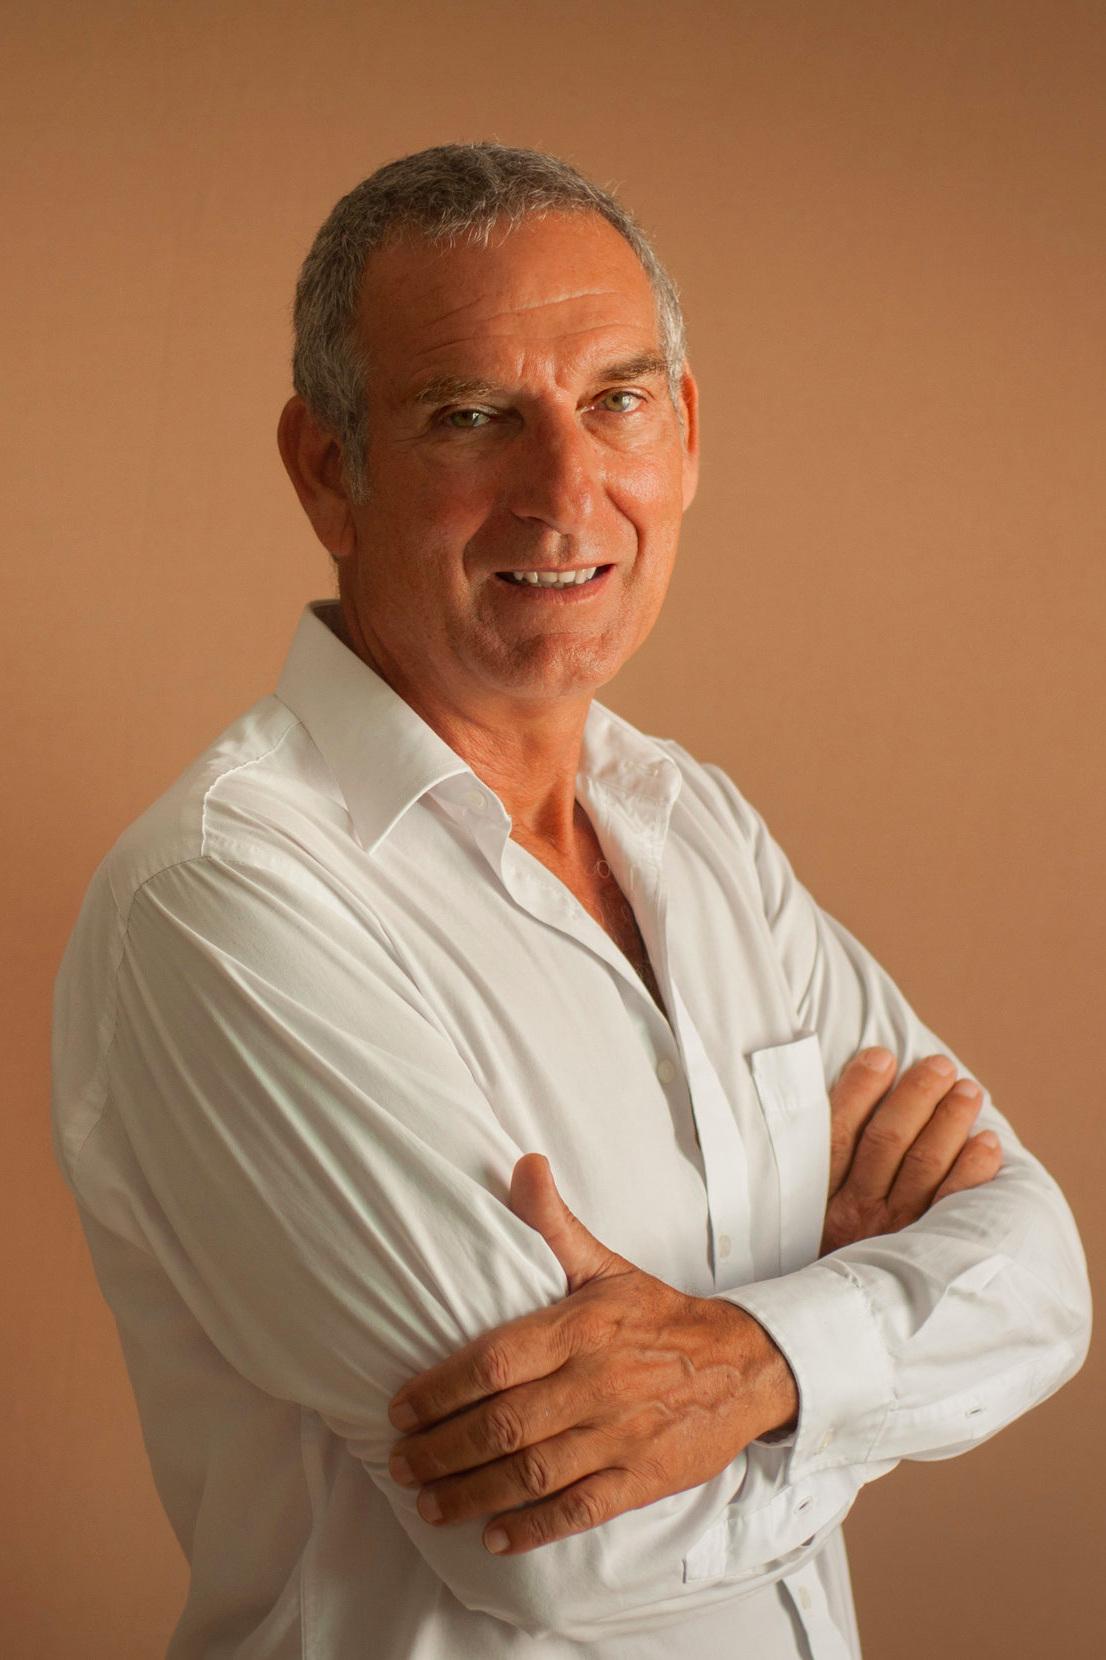 Maurizio Bellazzecca - English spoken Real Esate Advisor / Consulente immobiliare italiano / Españolmauri@selvacorealty.com